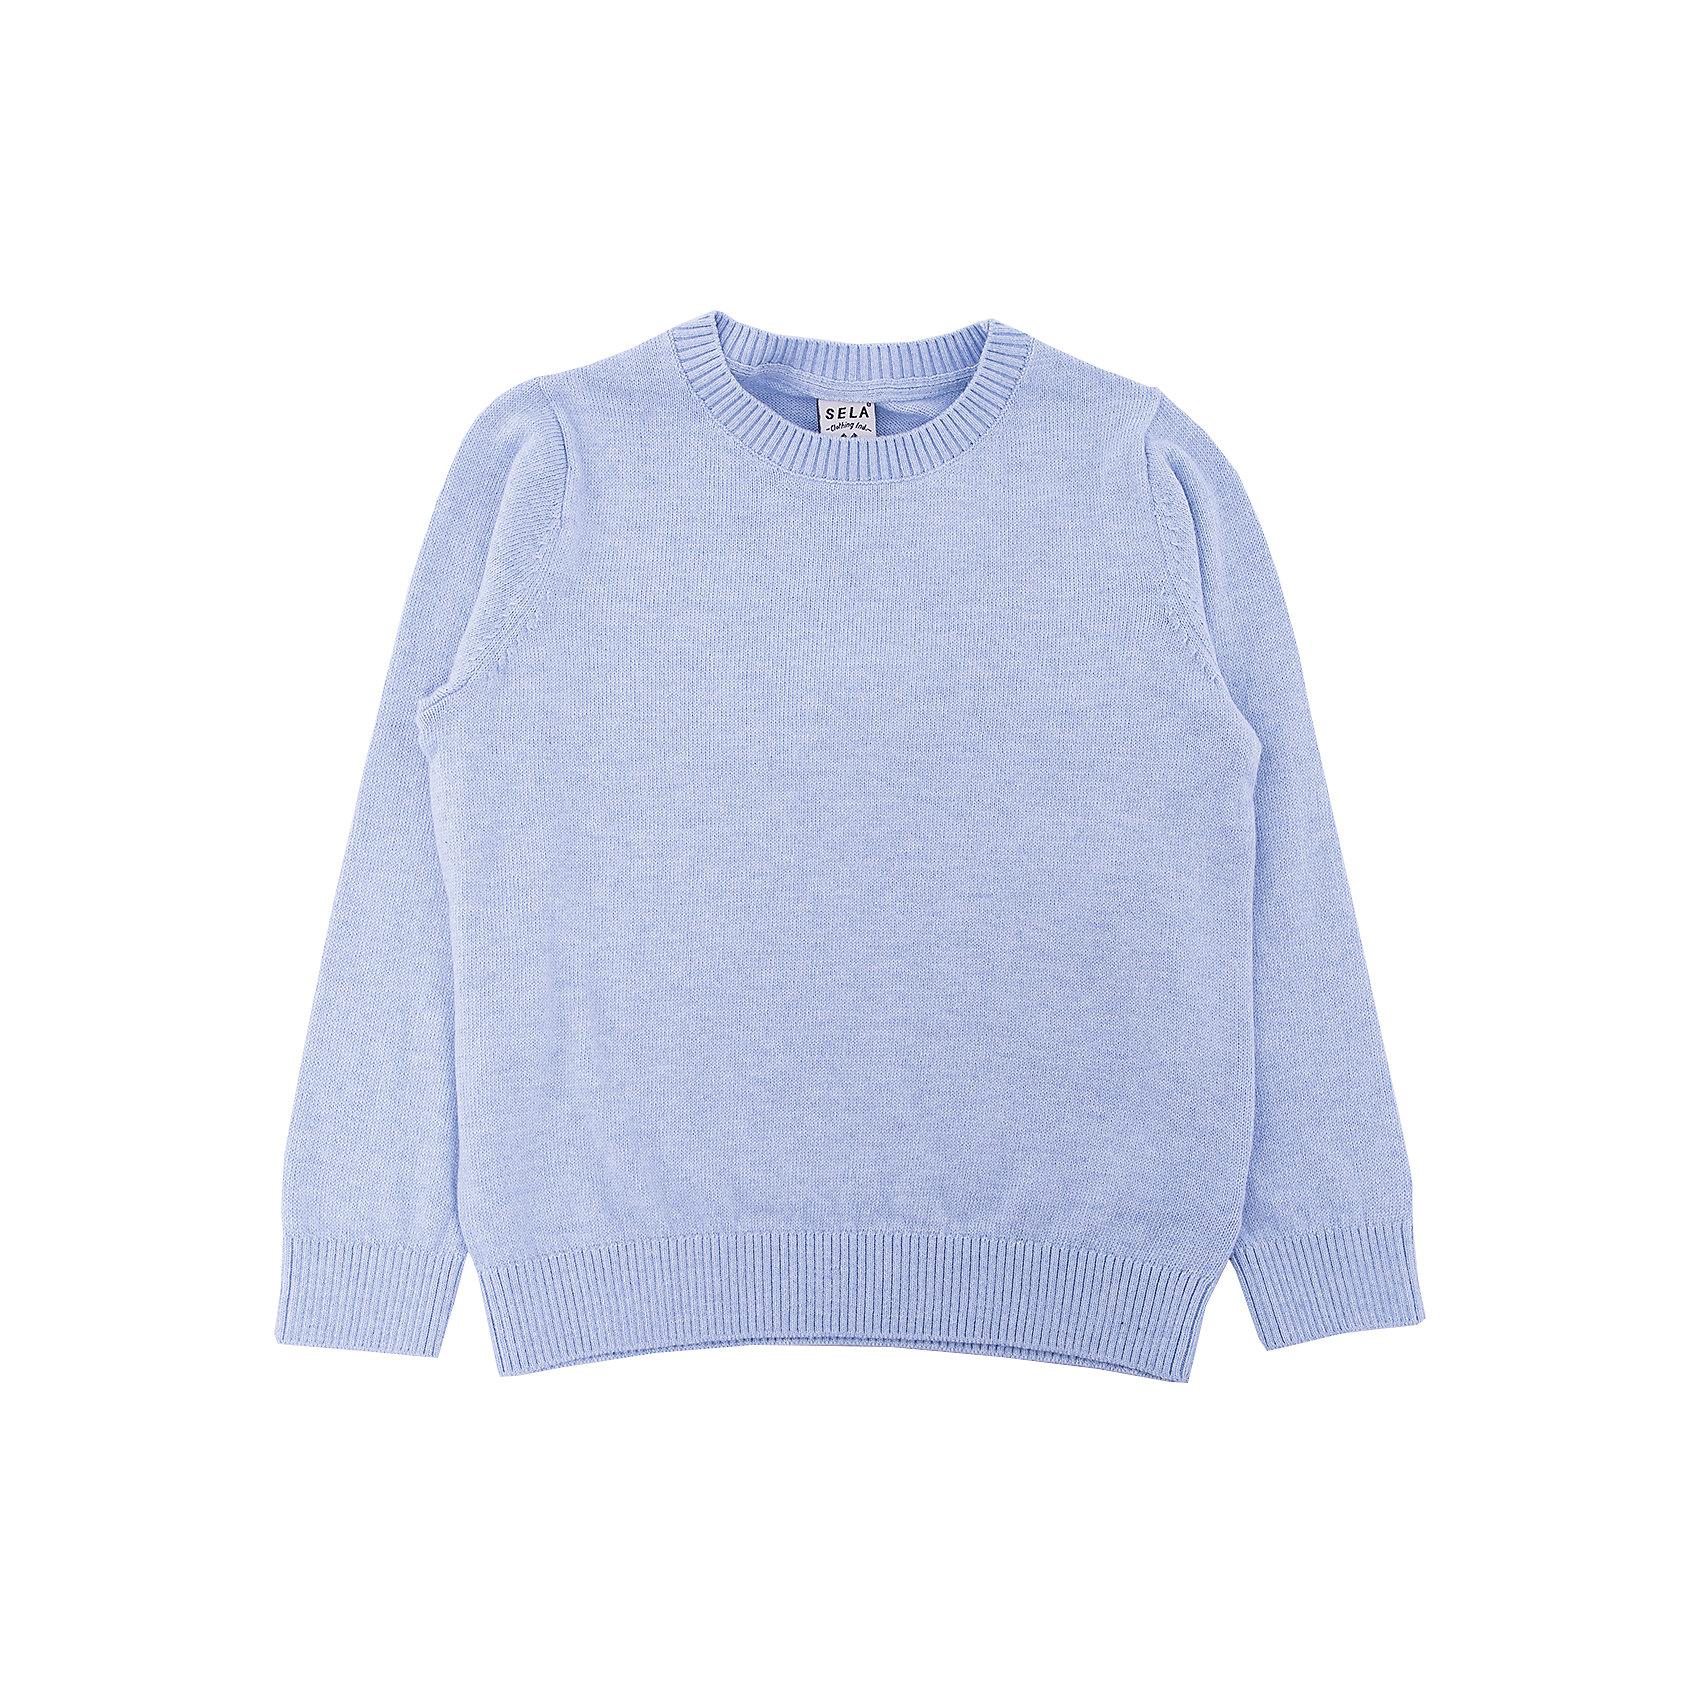 Джемпер для мальчика SELAСвитера и кардиганы<br>Детская одежда от SELA - это качество и отличные цены. Джемпер для мальчика из новой коллекции – необходимая вещь, чтобы выглядеть стильно в новом сезоне. Модель выполнена в классическом базовом стиле, что позволят комбинировать джемпер с любыми вещами и для любого случая. В изделии использована шерсть, которая делает модель не только модной, но и теплой. У джемпера на горле и рукавах есть уплотненные резинки.<br>Все материалы, использованные в создании изделия,  отвечают современным стандартам по качеству и безопасности продукции.<br><br>Дополнительная информация:<br><br>цвет: светло-голубой;<br>состав:  60% хлопок, 10% шерсть, 30% нейлон;<br>длинный рукав;<br>силуэт прямой.<br><br>Джемпер для мальчика от компании SELA можно приобрести в нашем магазине.<br><br>Ширина мм: 190<br>Глубина мм: 74<br>Высота мм: 229<br>Вес г: 236<br>Цвет: голубой<br>Возраст от месяцев: 18<br>Возраст до месяцев: 24<br>Пол: Мужской<br>Возраст: Детский<br>Размер: 92,98,104,116,110<br>SKU: 4913132